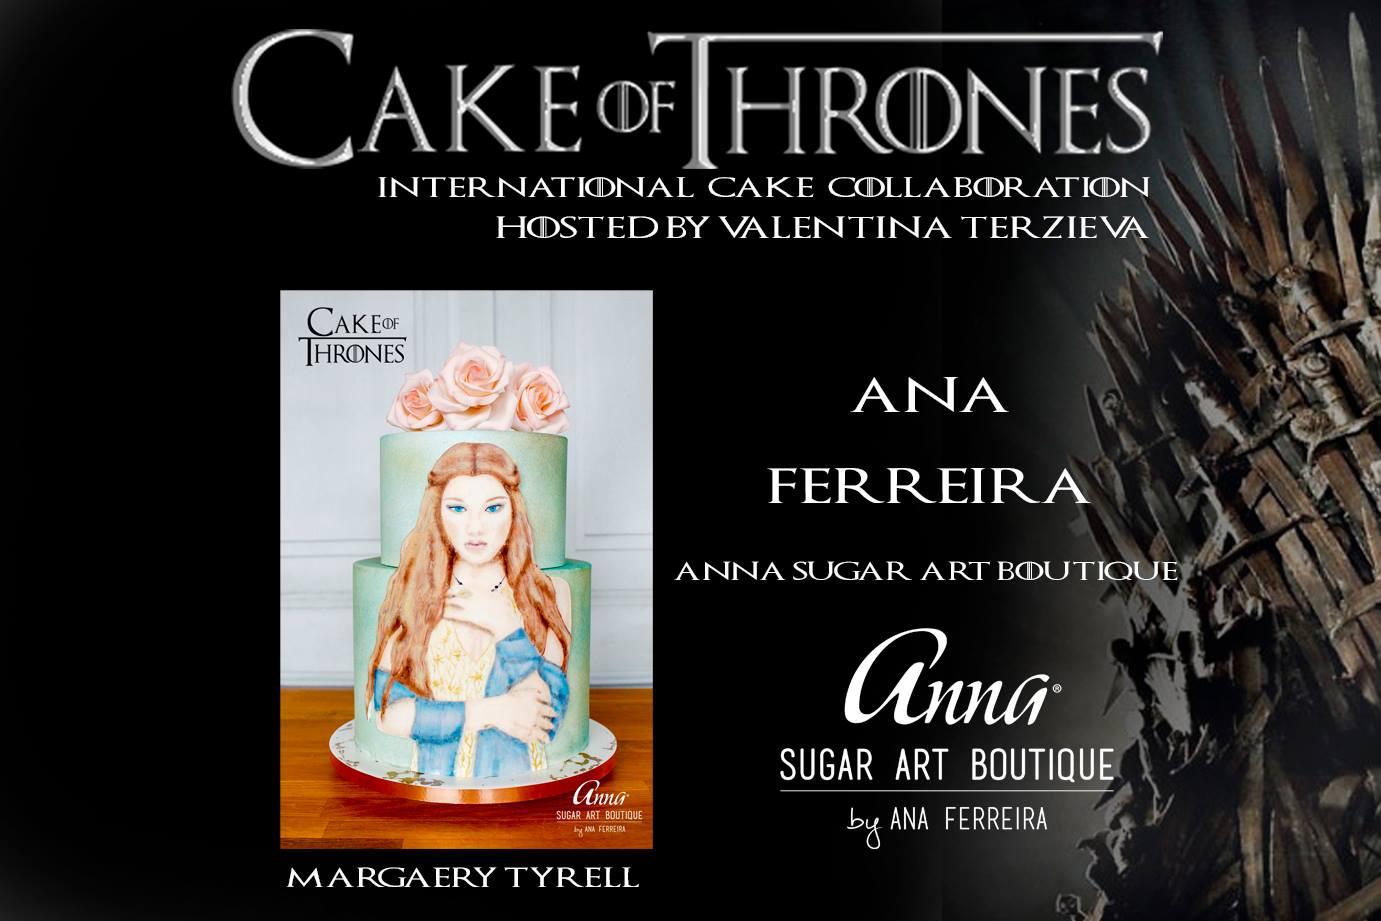 ana_ferreira_cake_of_thrones_main_photo.jpg